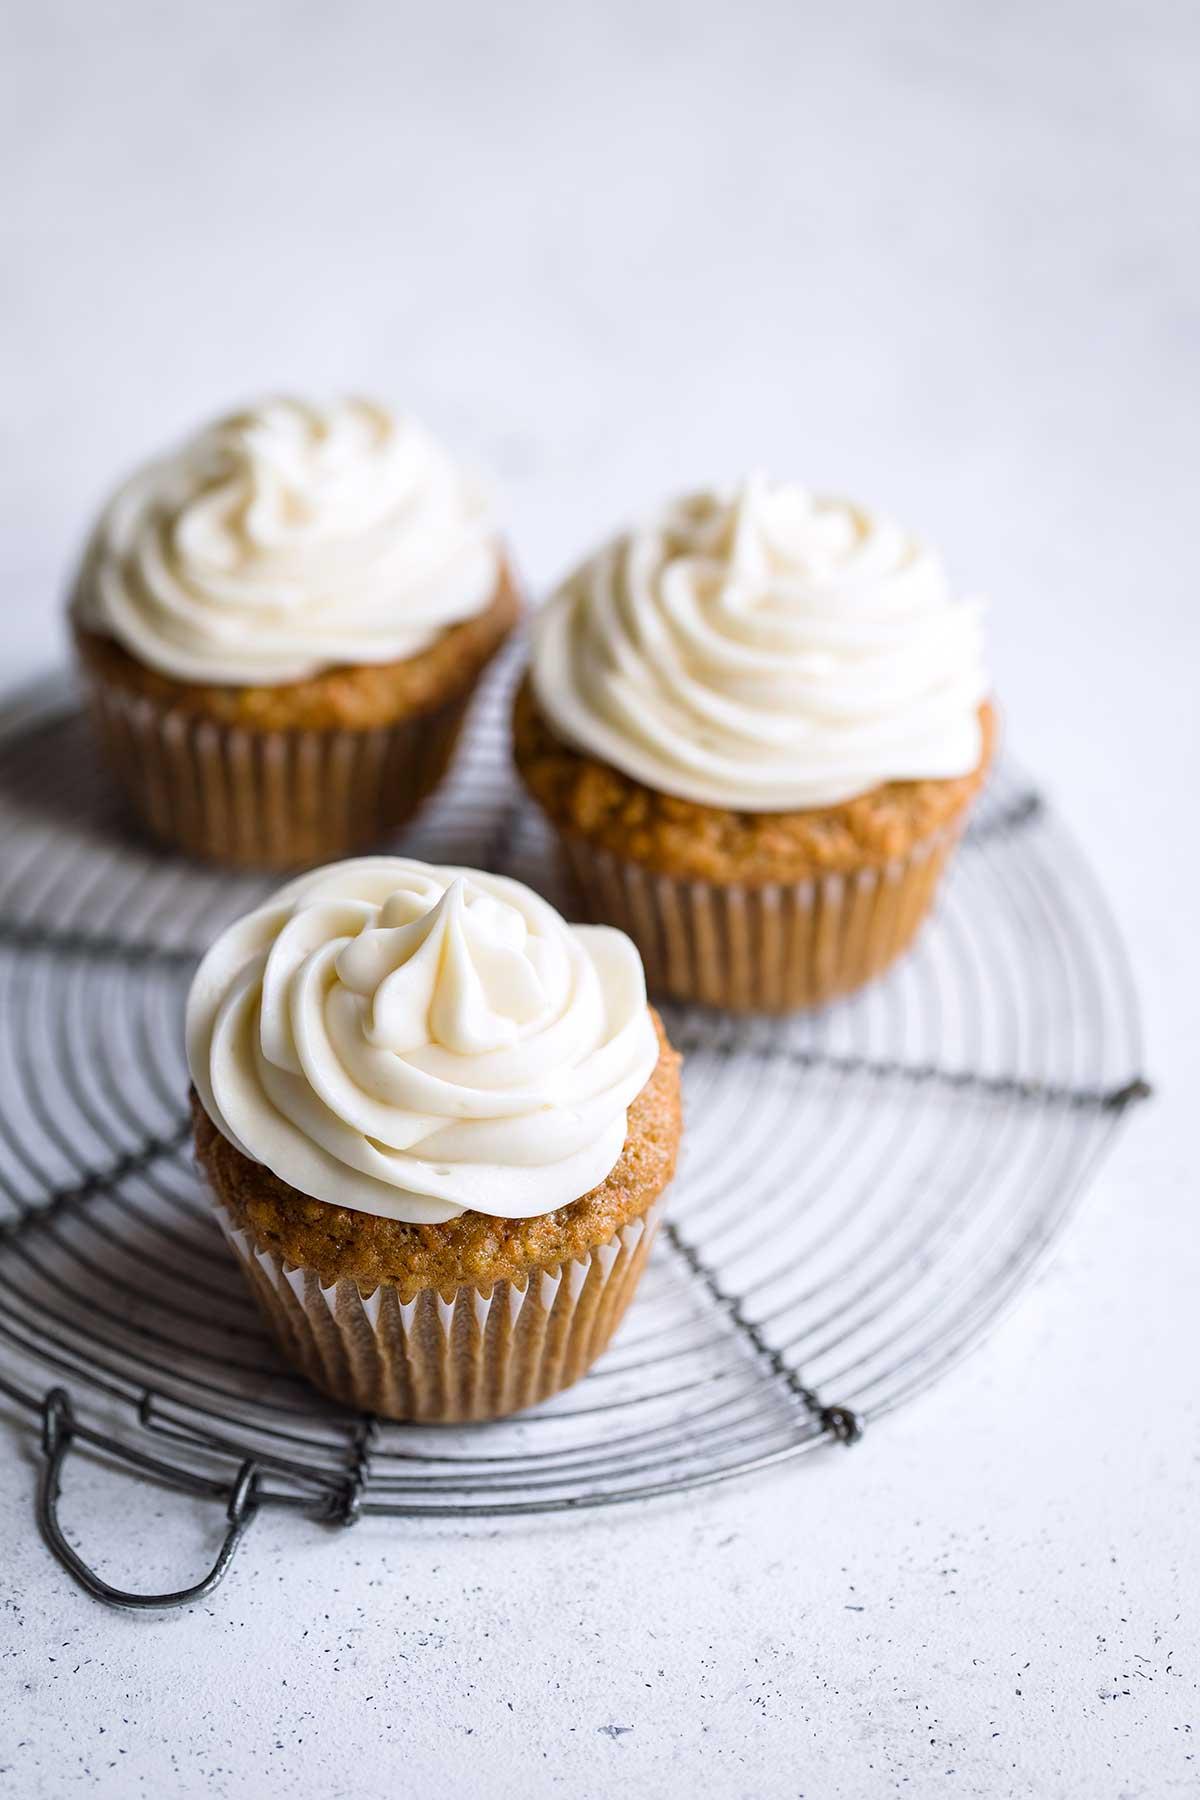 Closeup of three carrot cupcakes